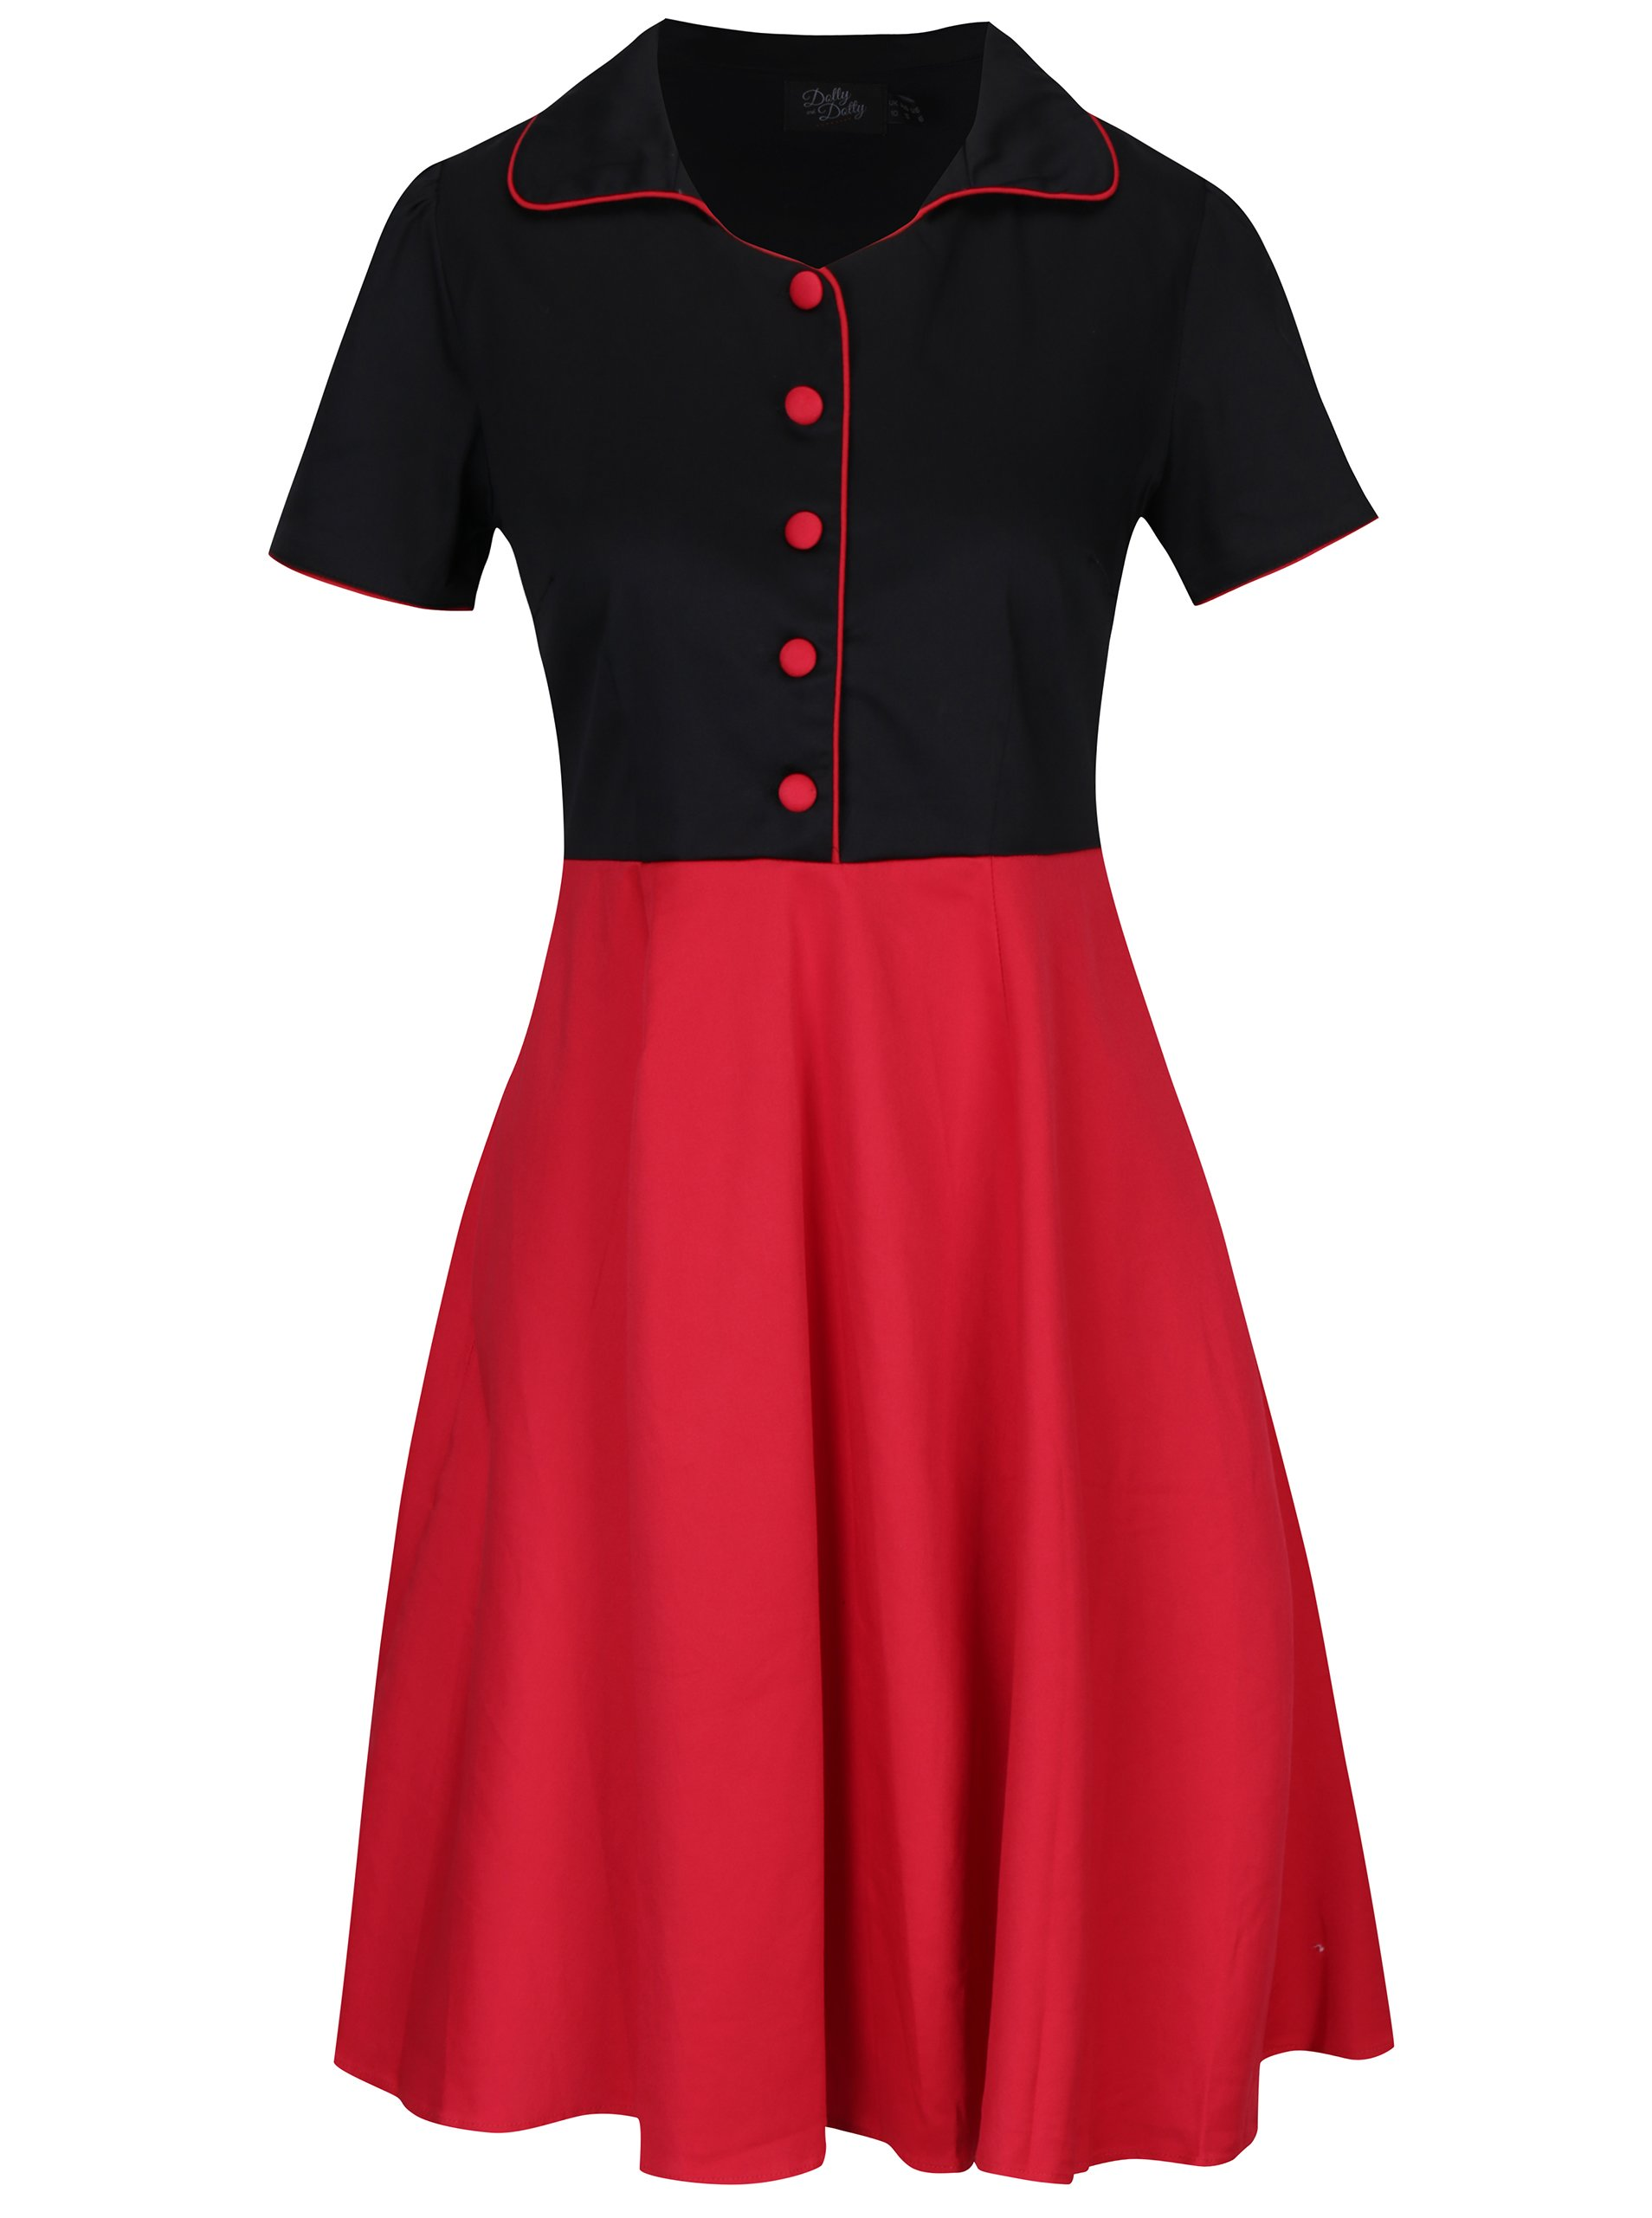 Černo-červené šaty s knoflíky Dolly & Dotty Penelope